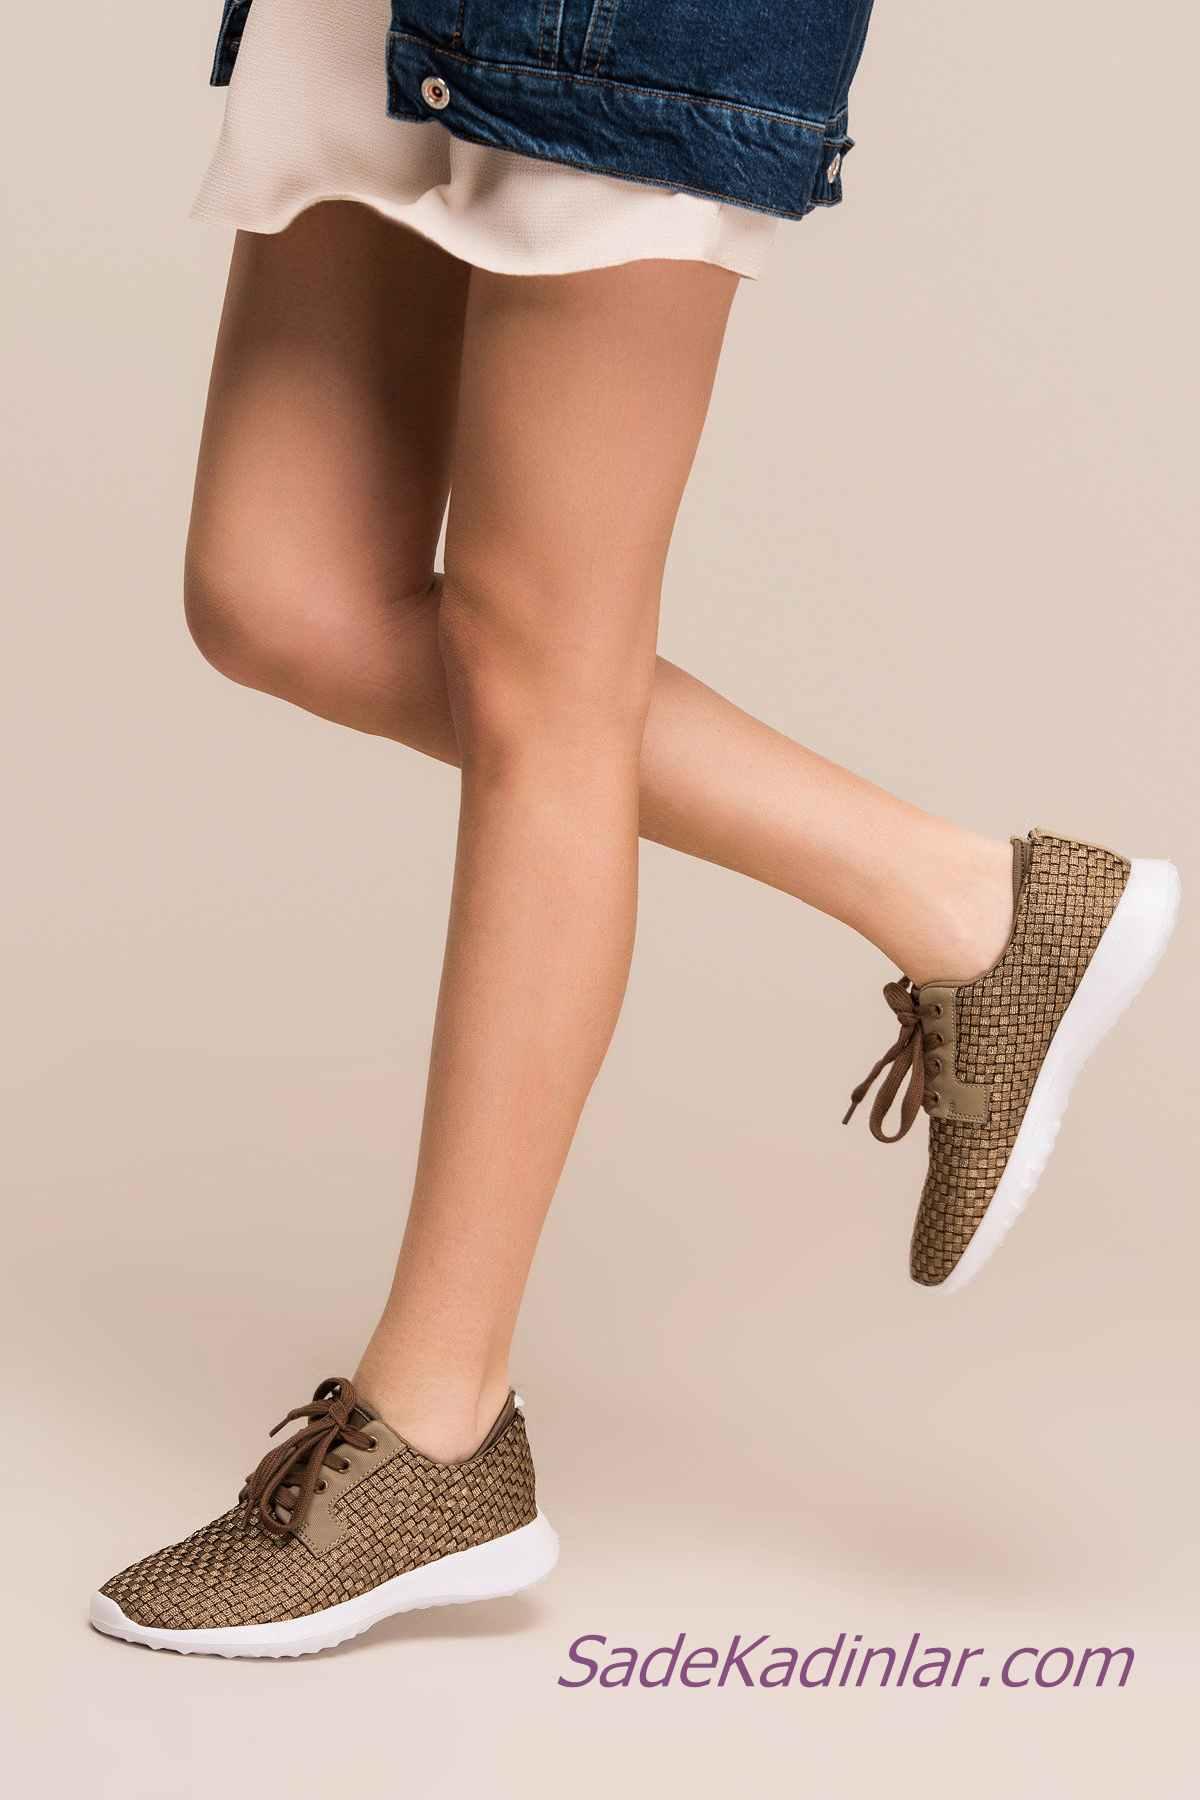 Sneakers Bayan Spor Ayakkabı Modelleri Bakır Hasır Örgülü Bağcıklı